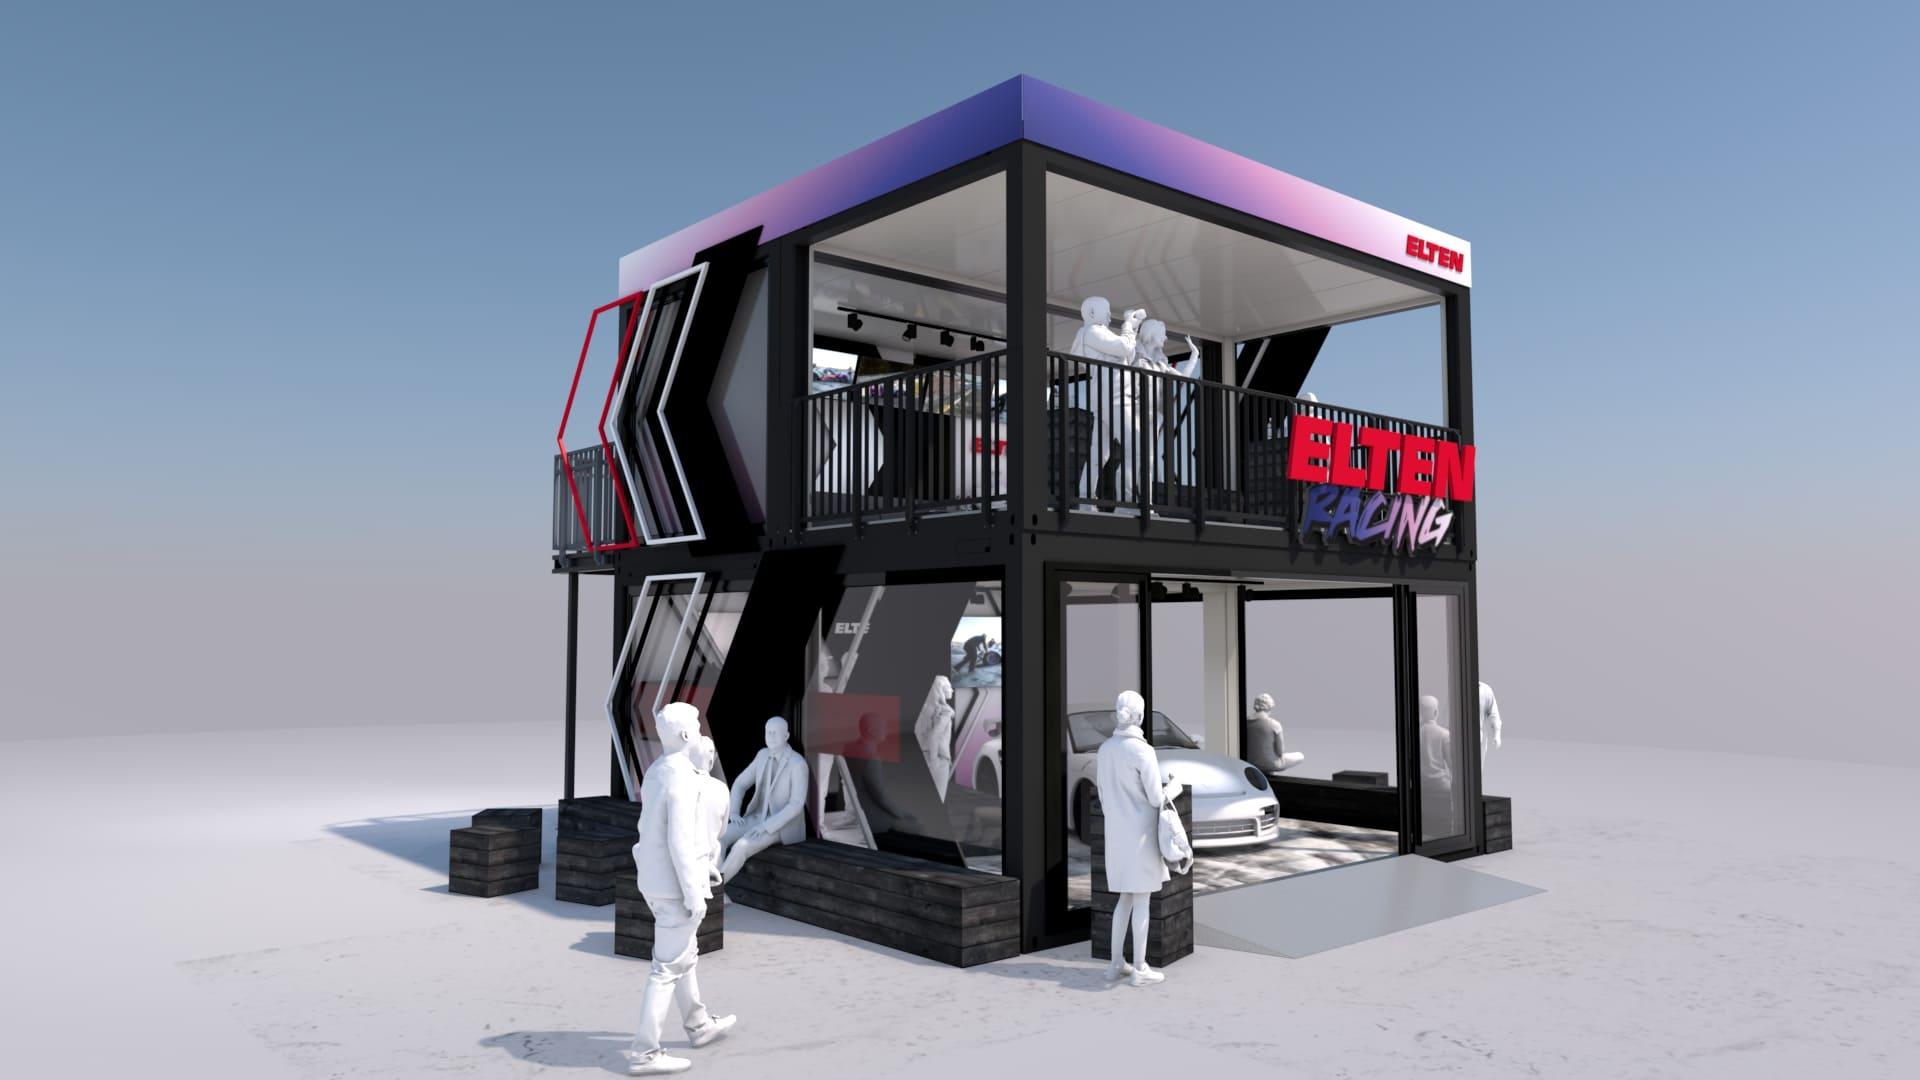 Eventcontainer Showroom - Rennsport - Porsche - Elten 10